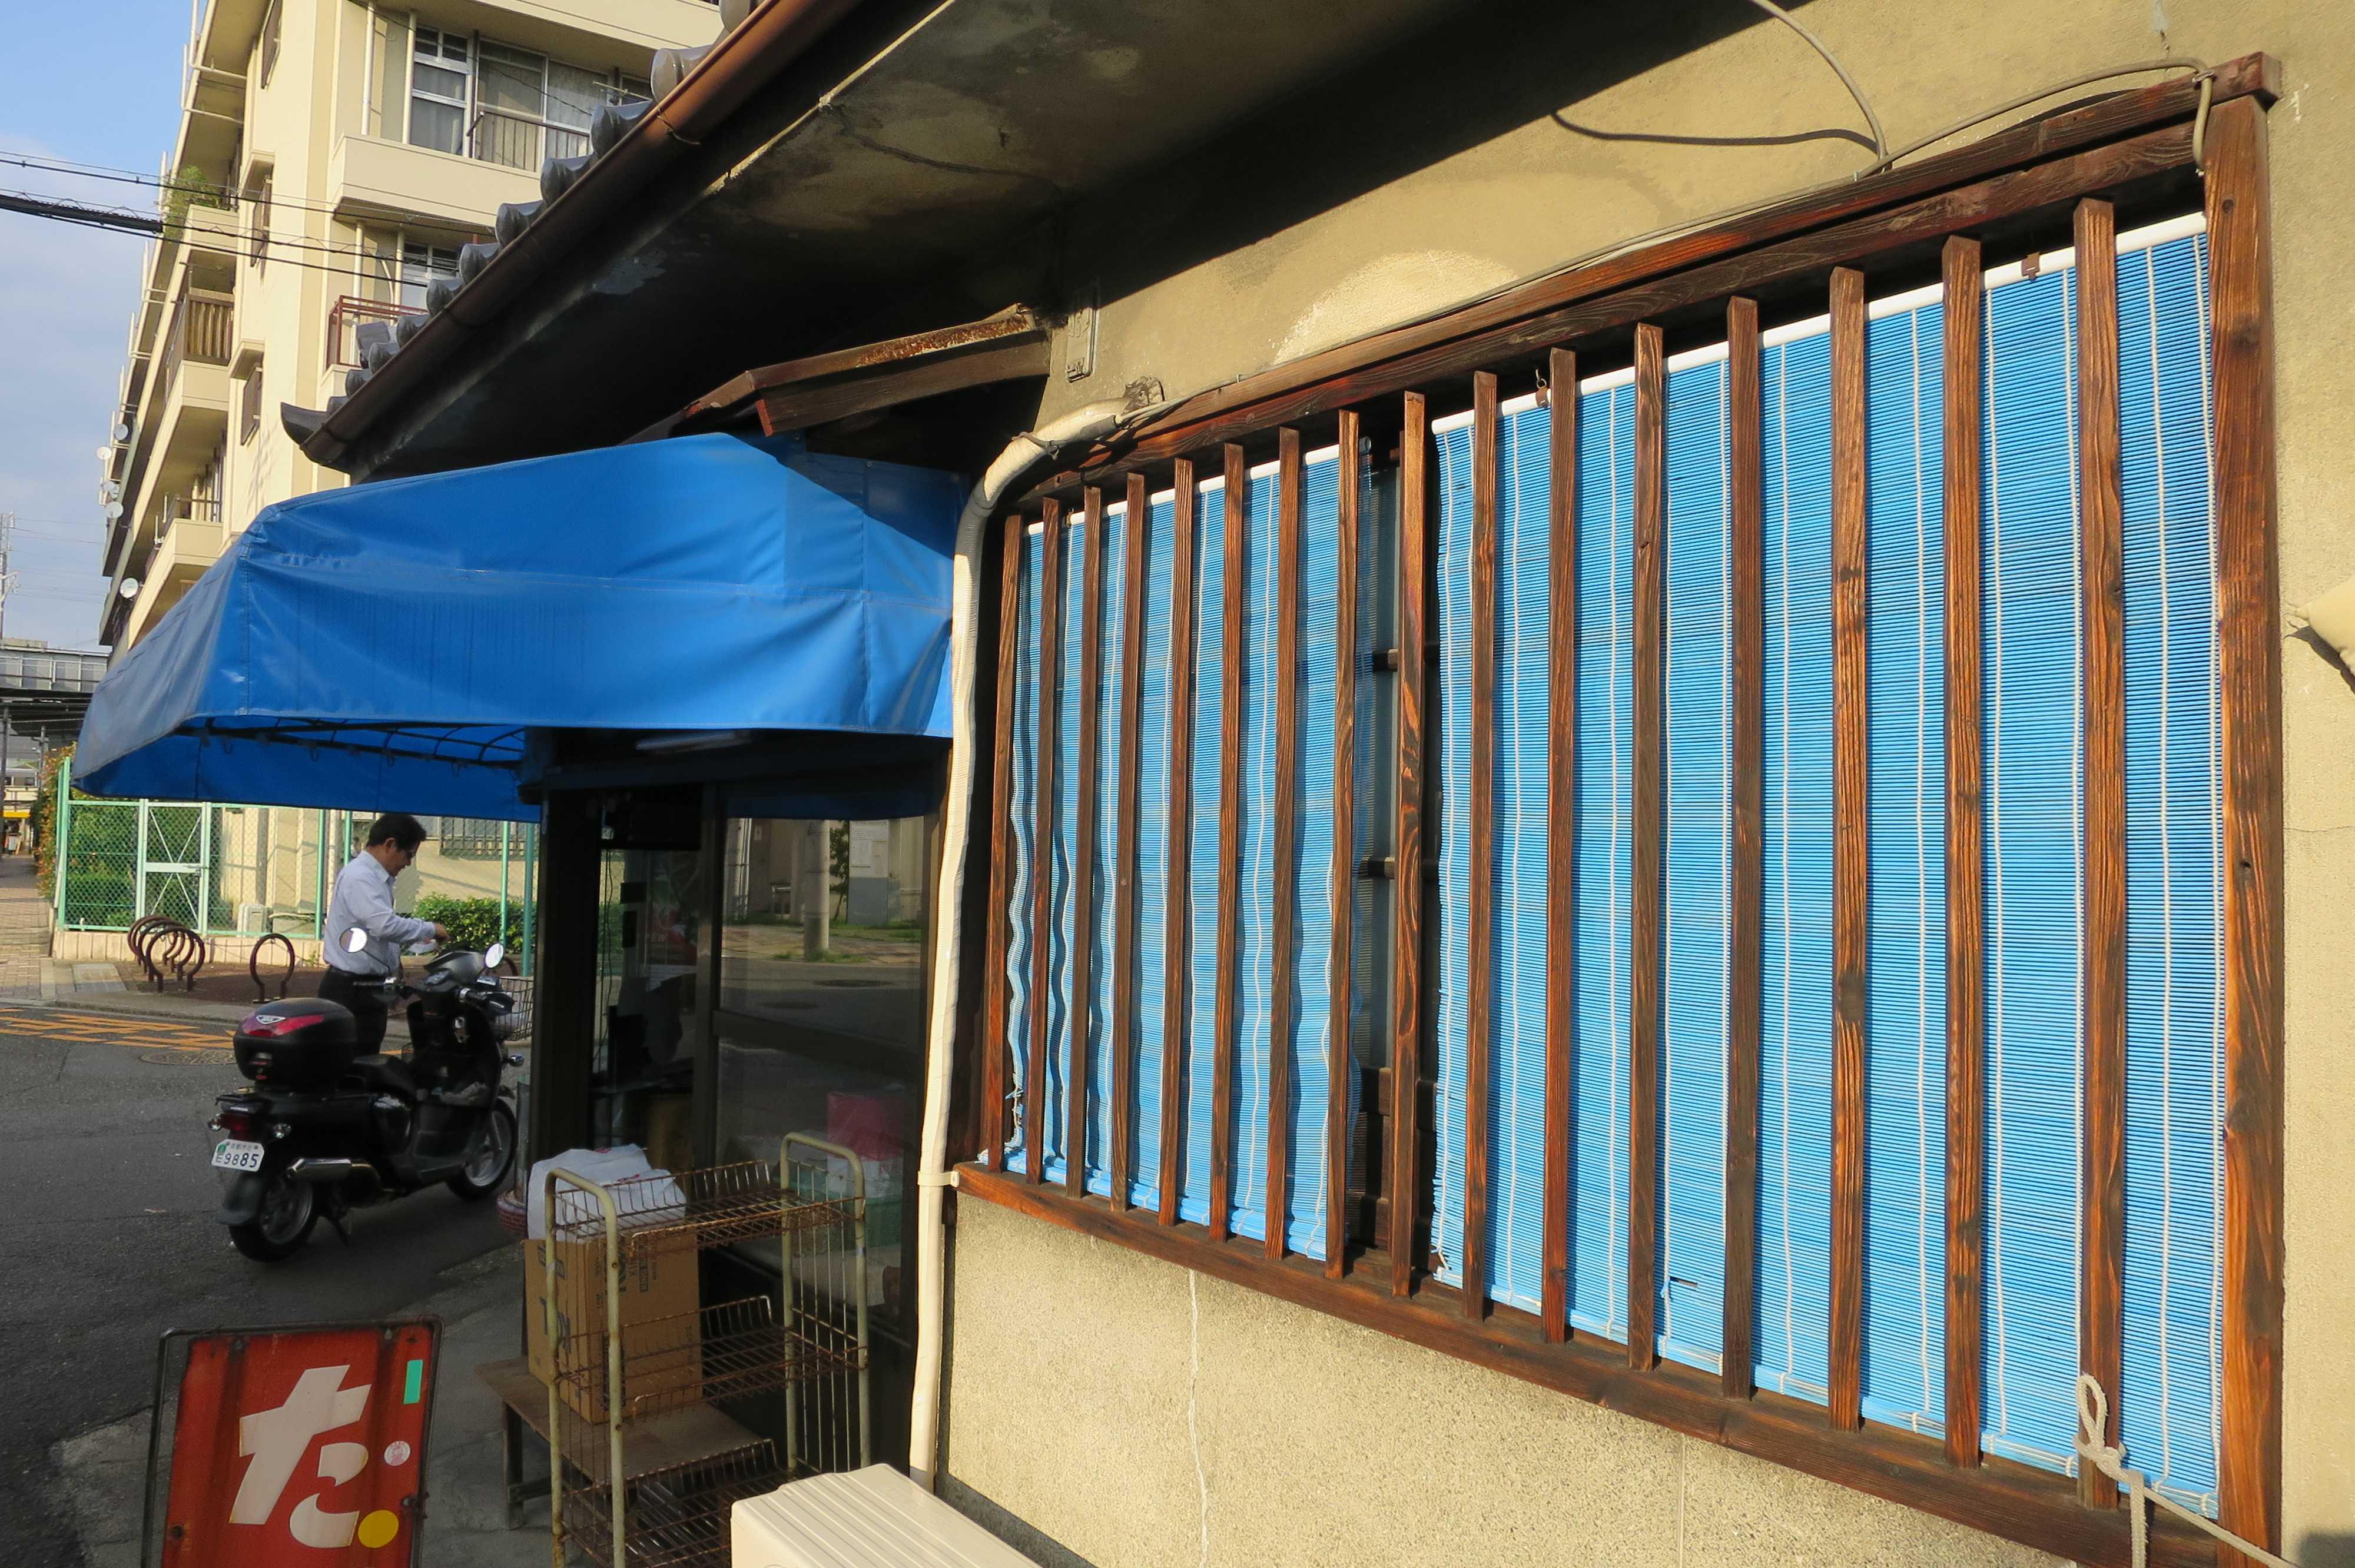 京都・崇仁地区 - 商店の青い窓